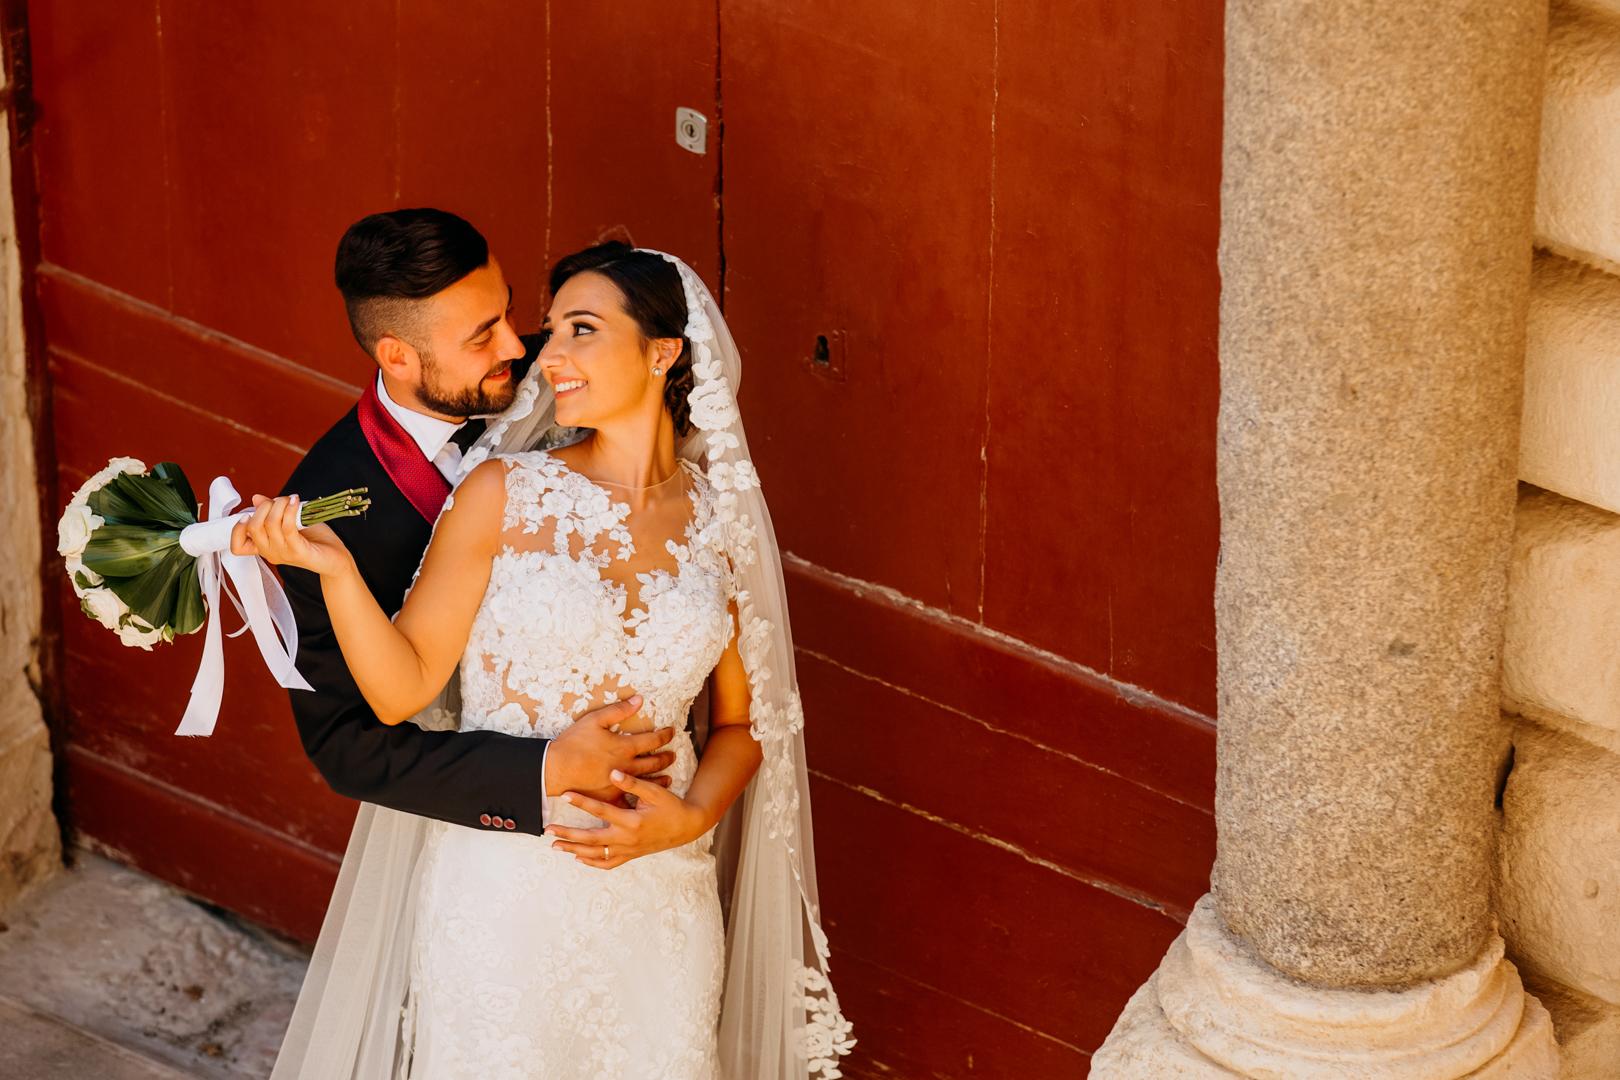 46 gianni-lepore-lucera-fotografo-wedding-palazzo-vescovile-piazza-duomo